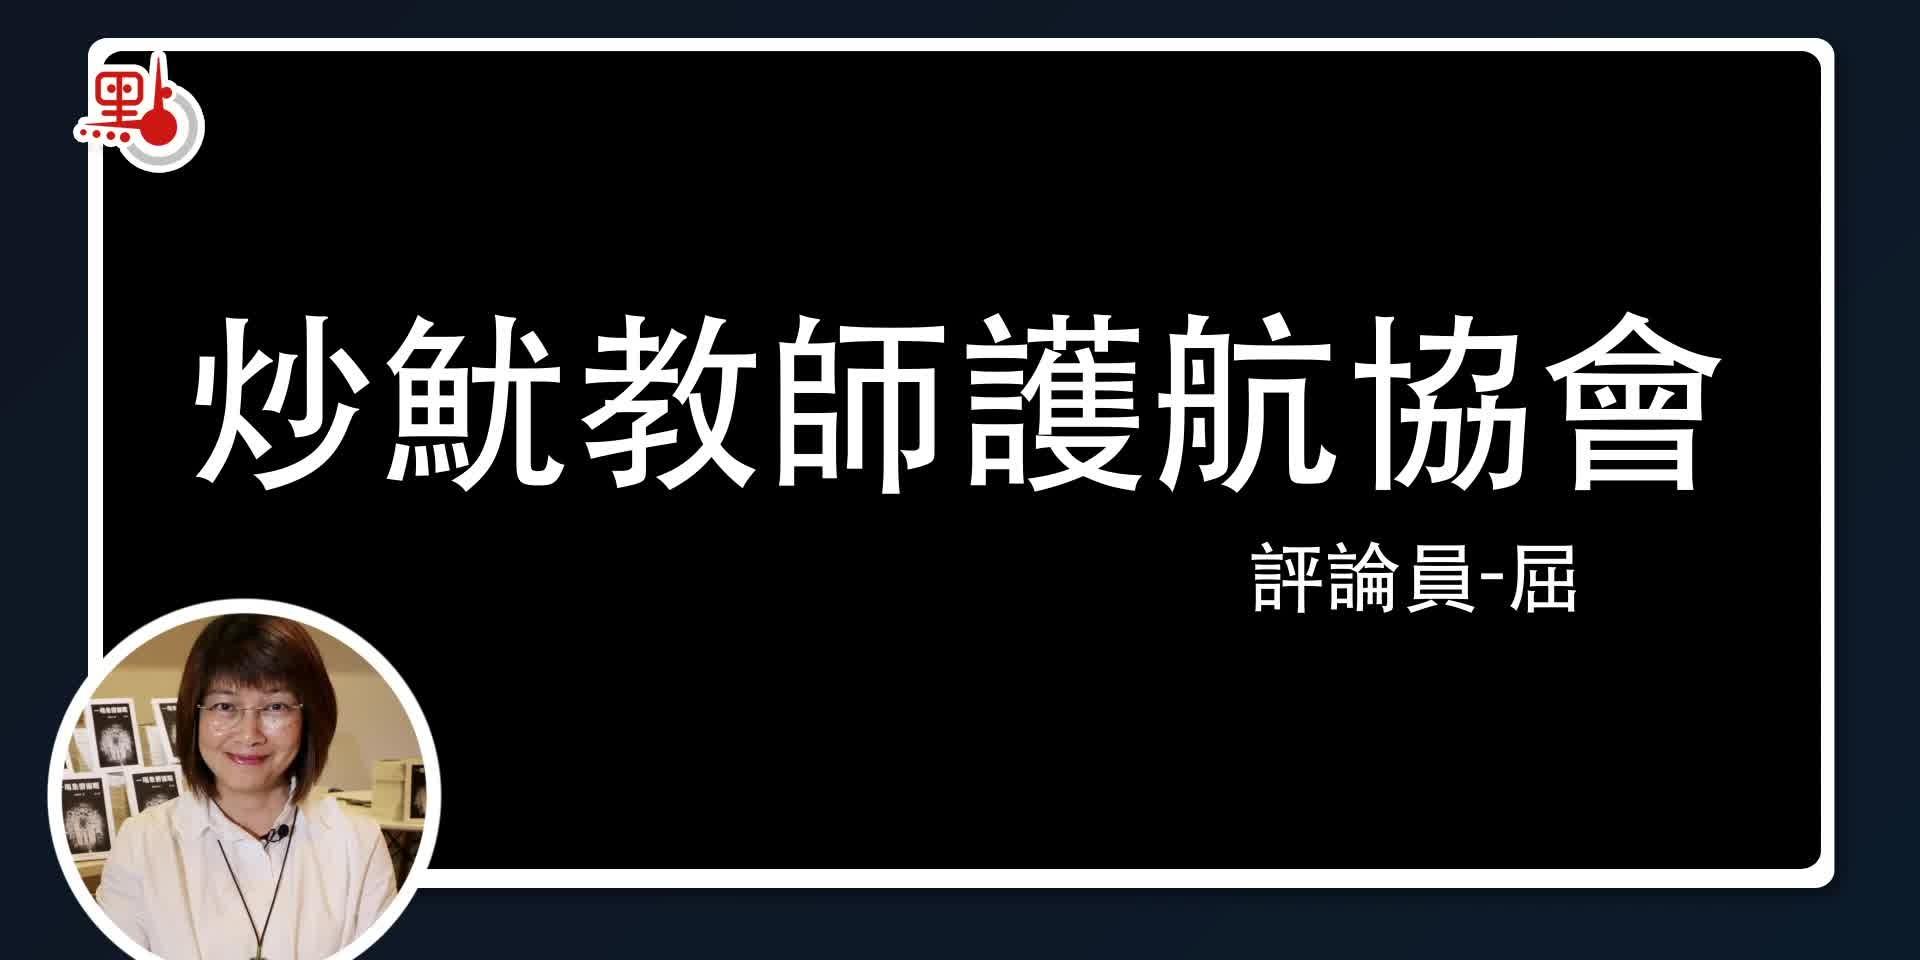 【屈穎妍講你知】炒魷教師護航協會